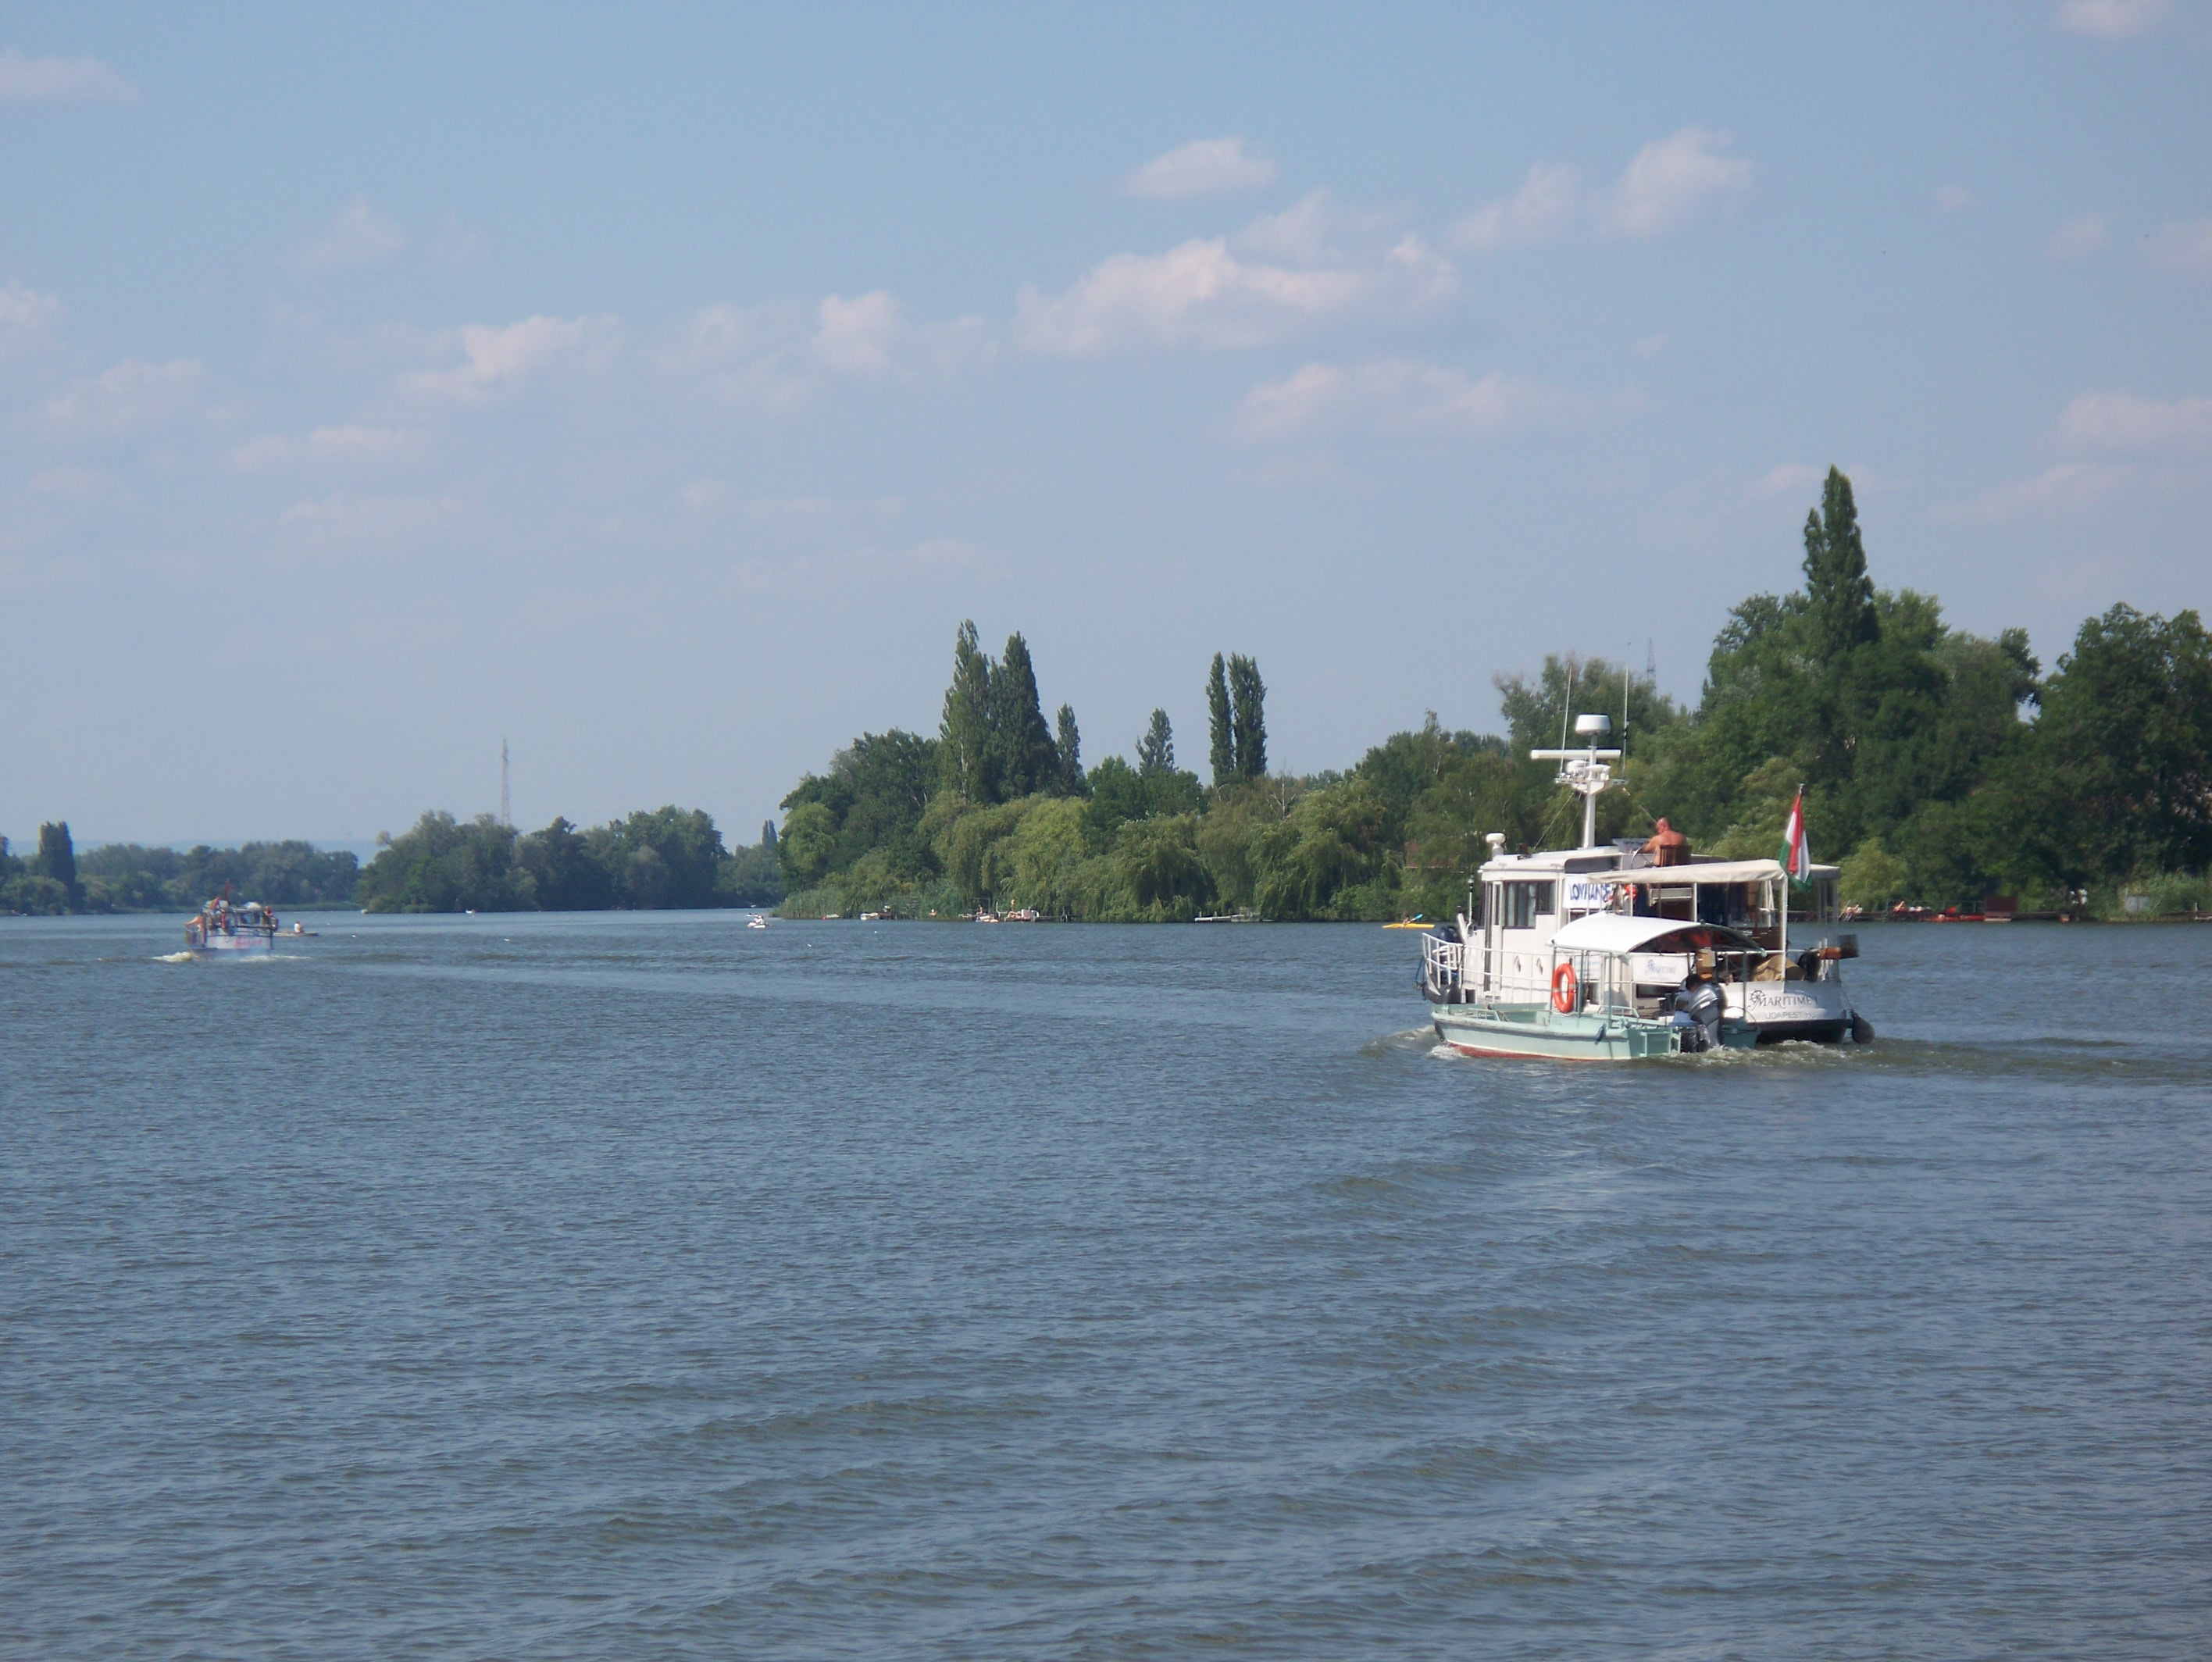 http://www.kisdunainagyhajok.hu/egyebhajok/2012_06_24_biene_es_maritime_hajok_egyuttallasa/2012_06_24_biene_es_maritime_hajok_egyuttallasa_008.jpg